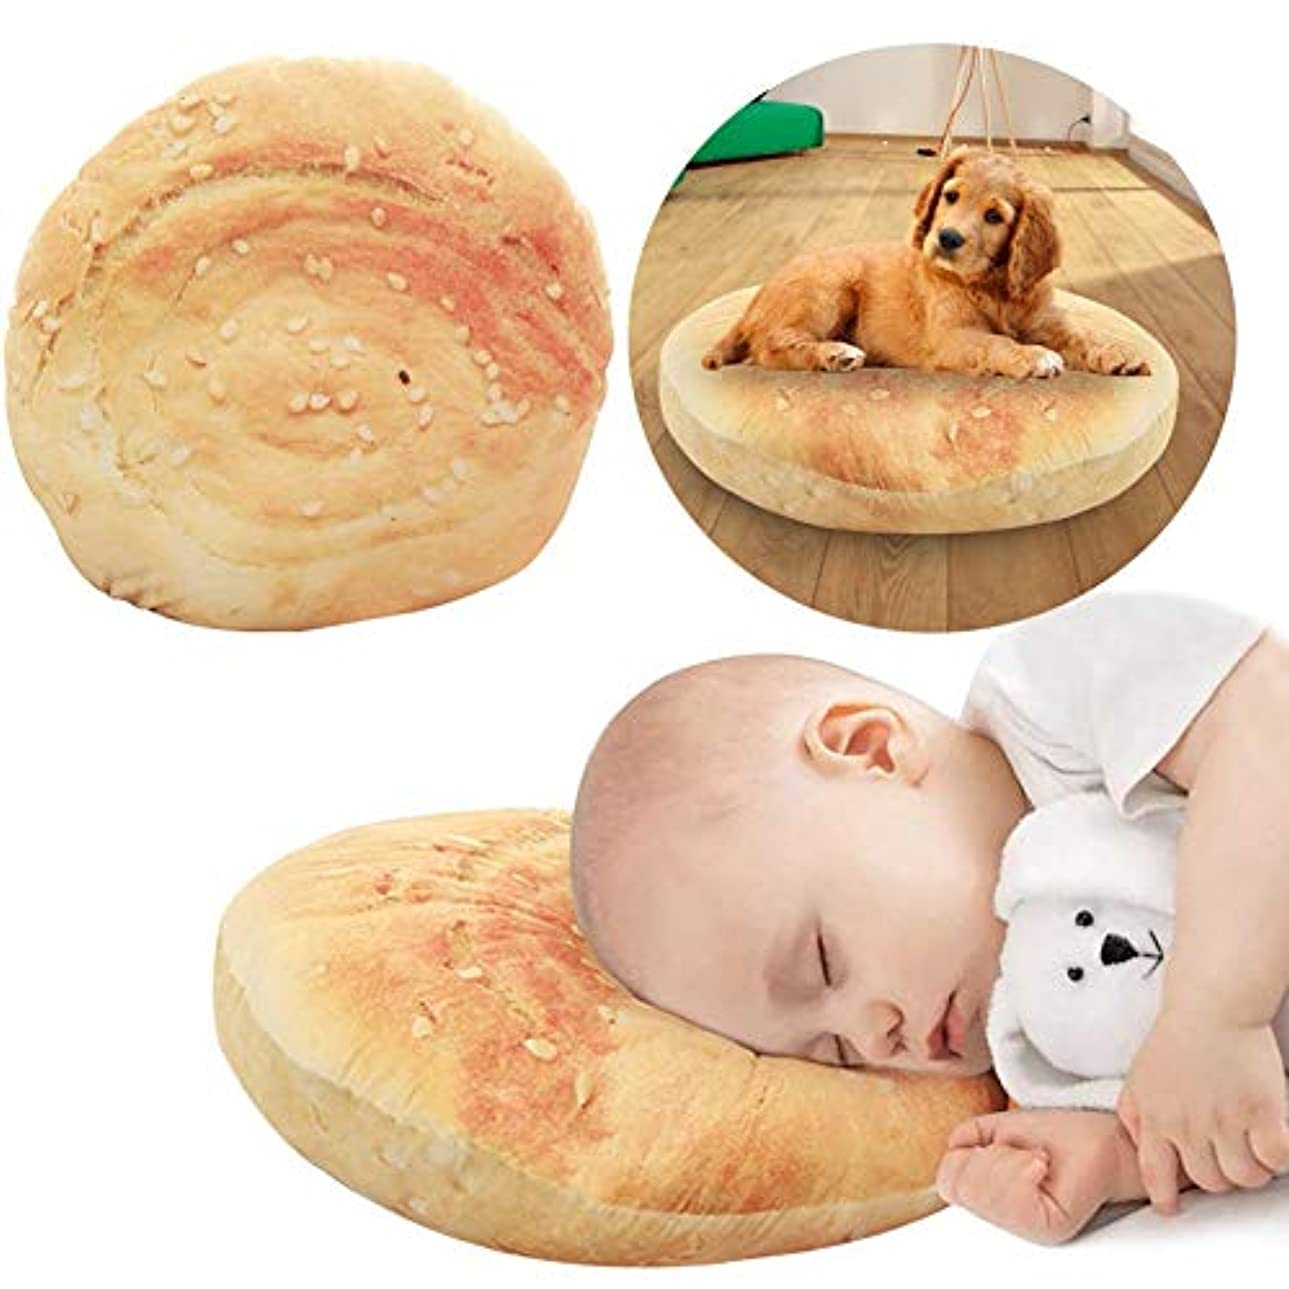 標高不可能な自動車40センチラウンド枕朝食ケーキ大きな枕クッションソフトで快適なフードクッションパーソナライズギフトぬいぐるみ